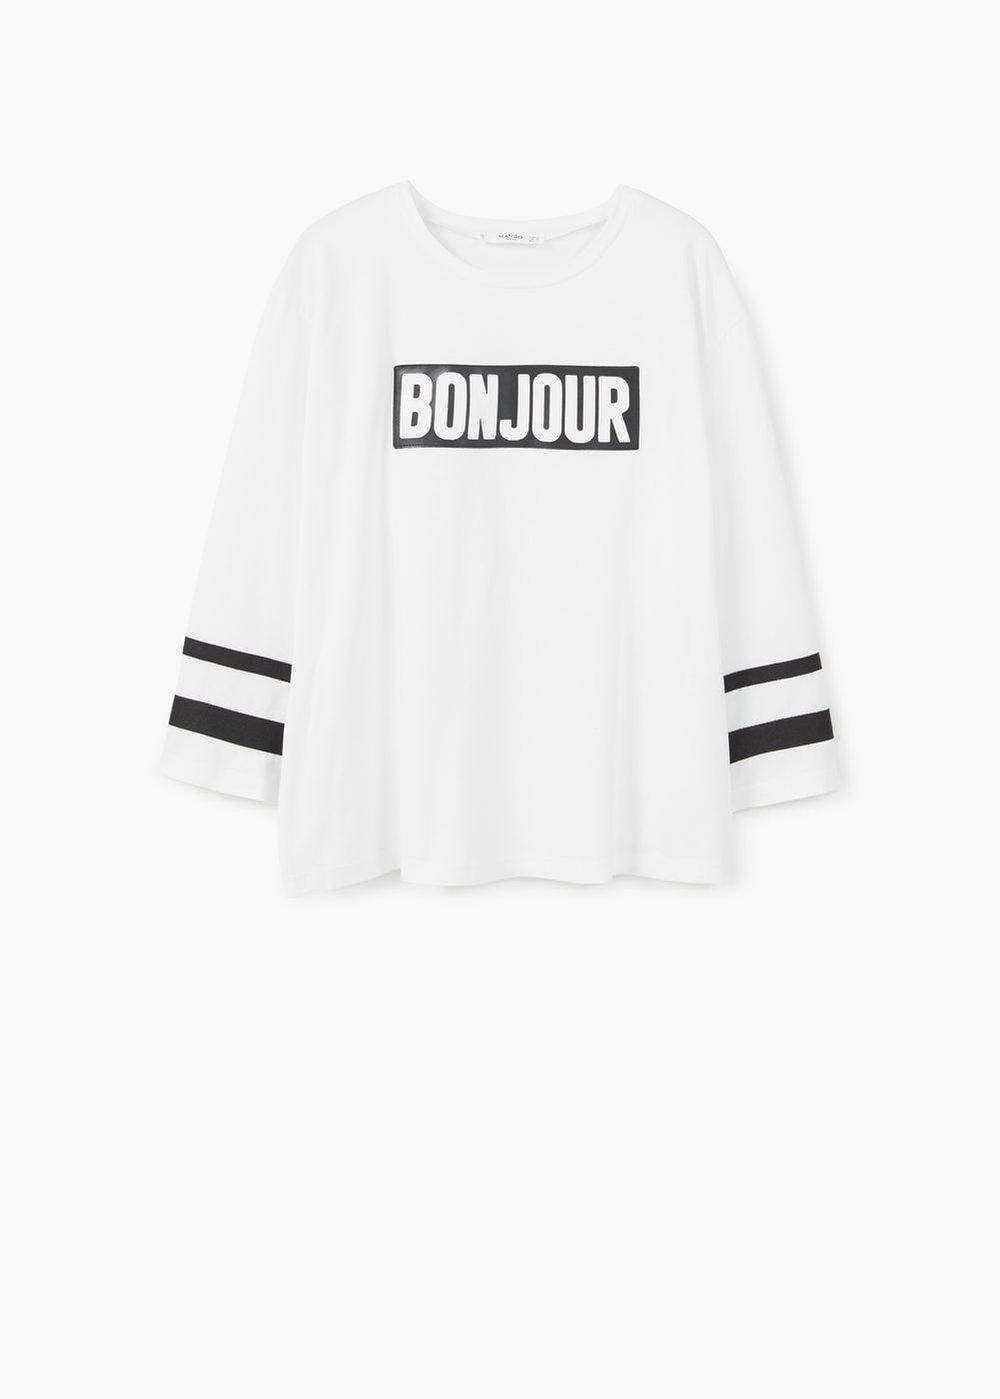 T-shirt-estampada-algodão-Bonjour-1499€-.jpg